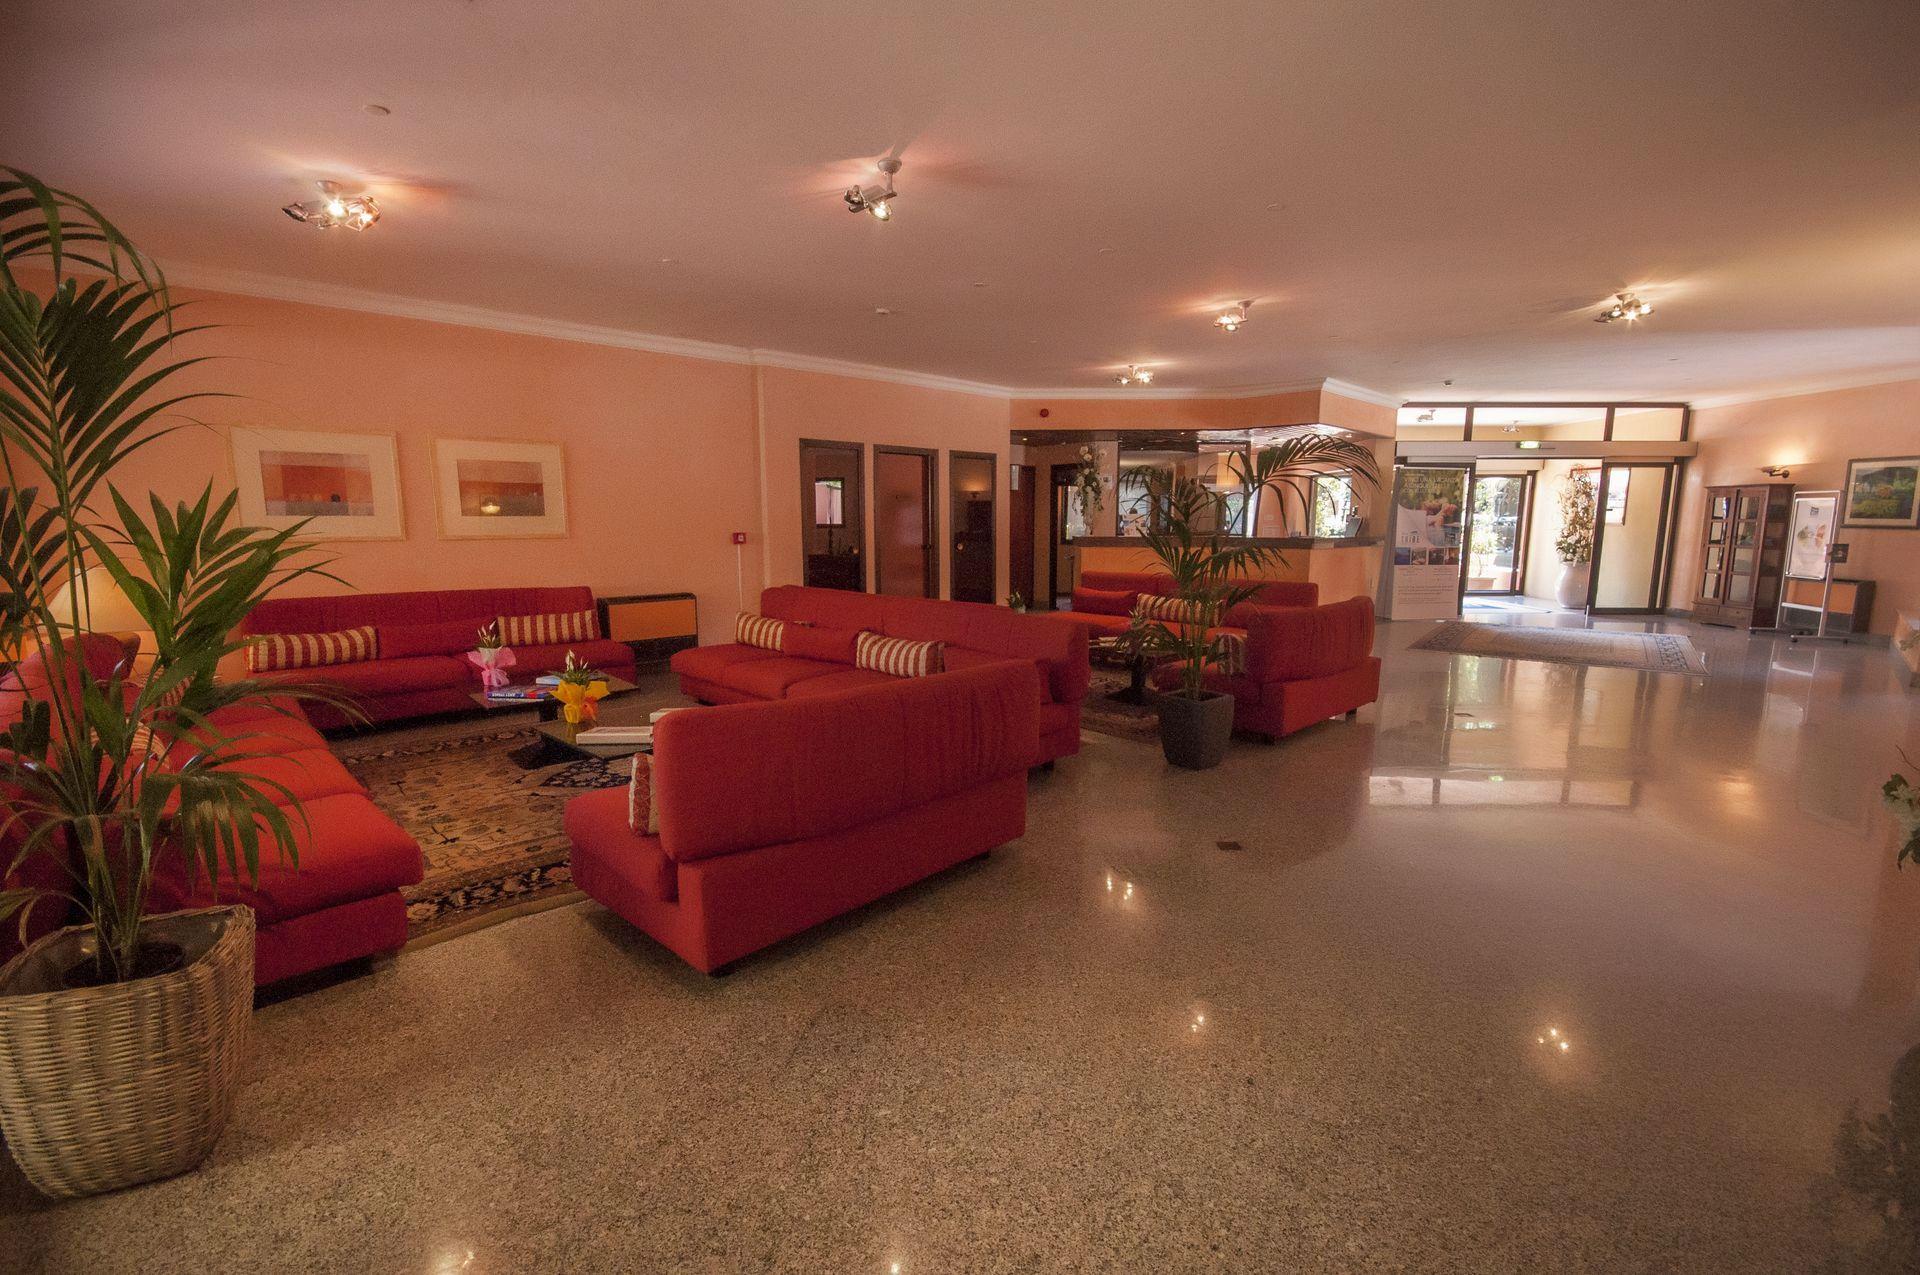 Cristina park hotel montesarchio foto 9abfb2e0486